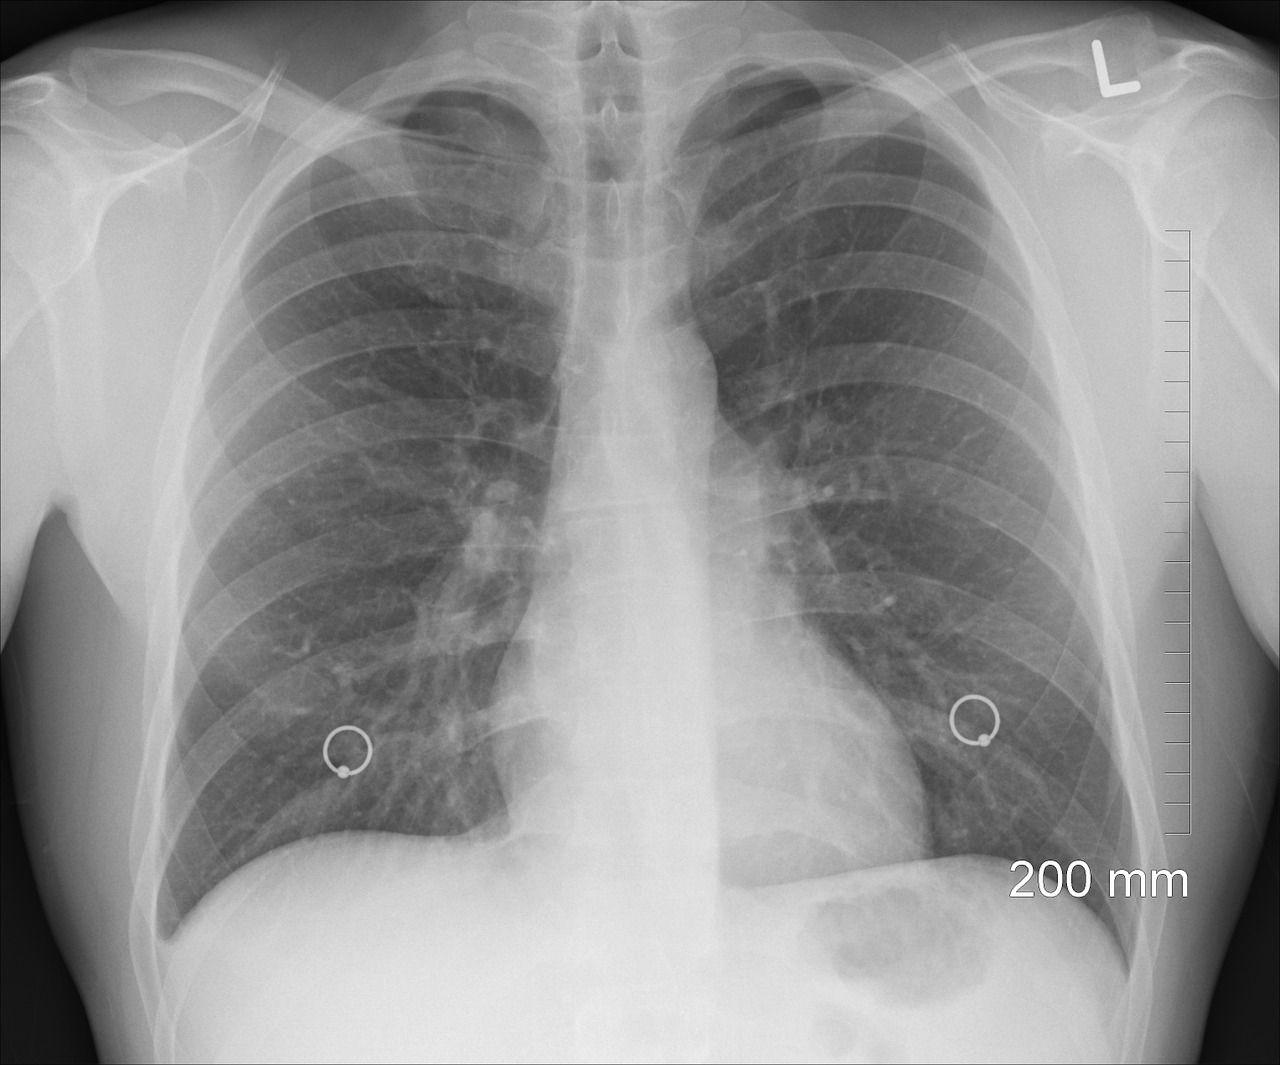 Malattie dell'apparato respiratorio: le patologie più gravi